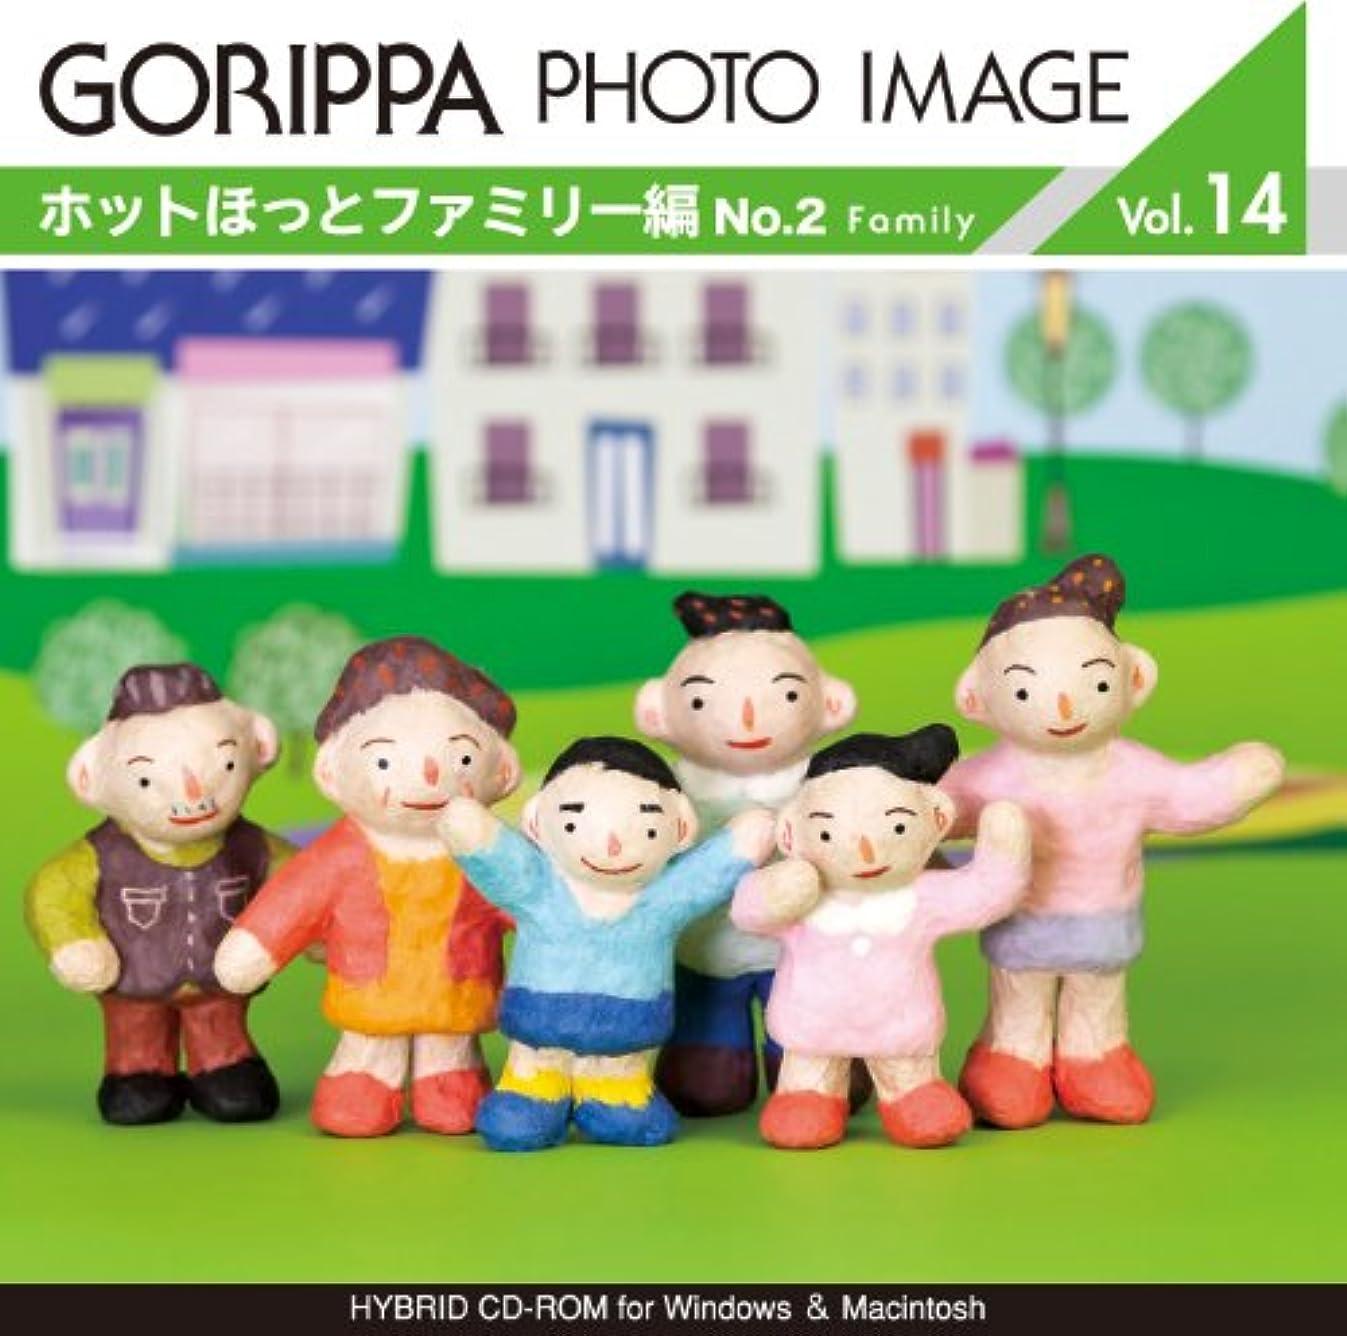 杖優れた実行するGORIPPA PHOTO IMAGE vol.14 ?ホットほっとファミリー編 No.2?